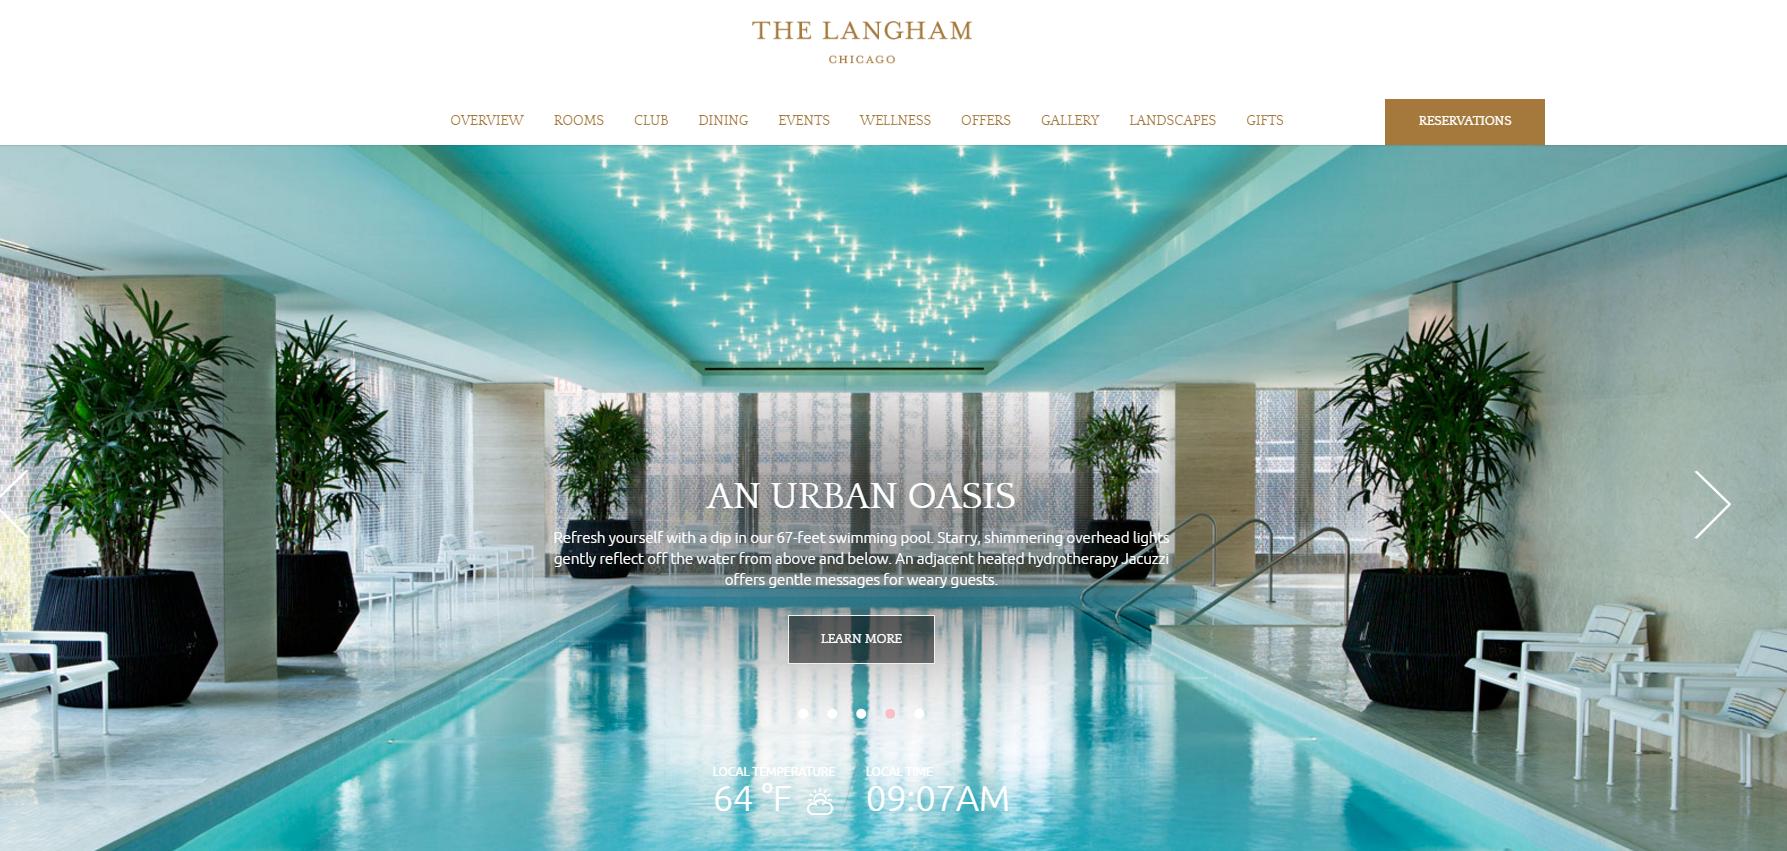 Εικόνα που δείχνει την ιστοσελίδα του ξενοδοχείου Langham Hotel